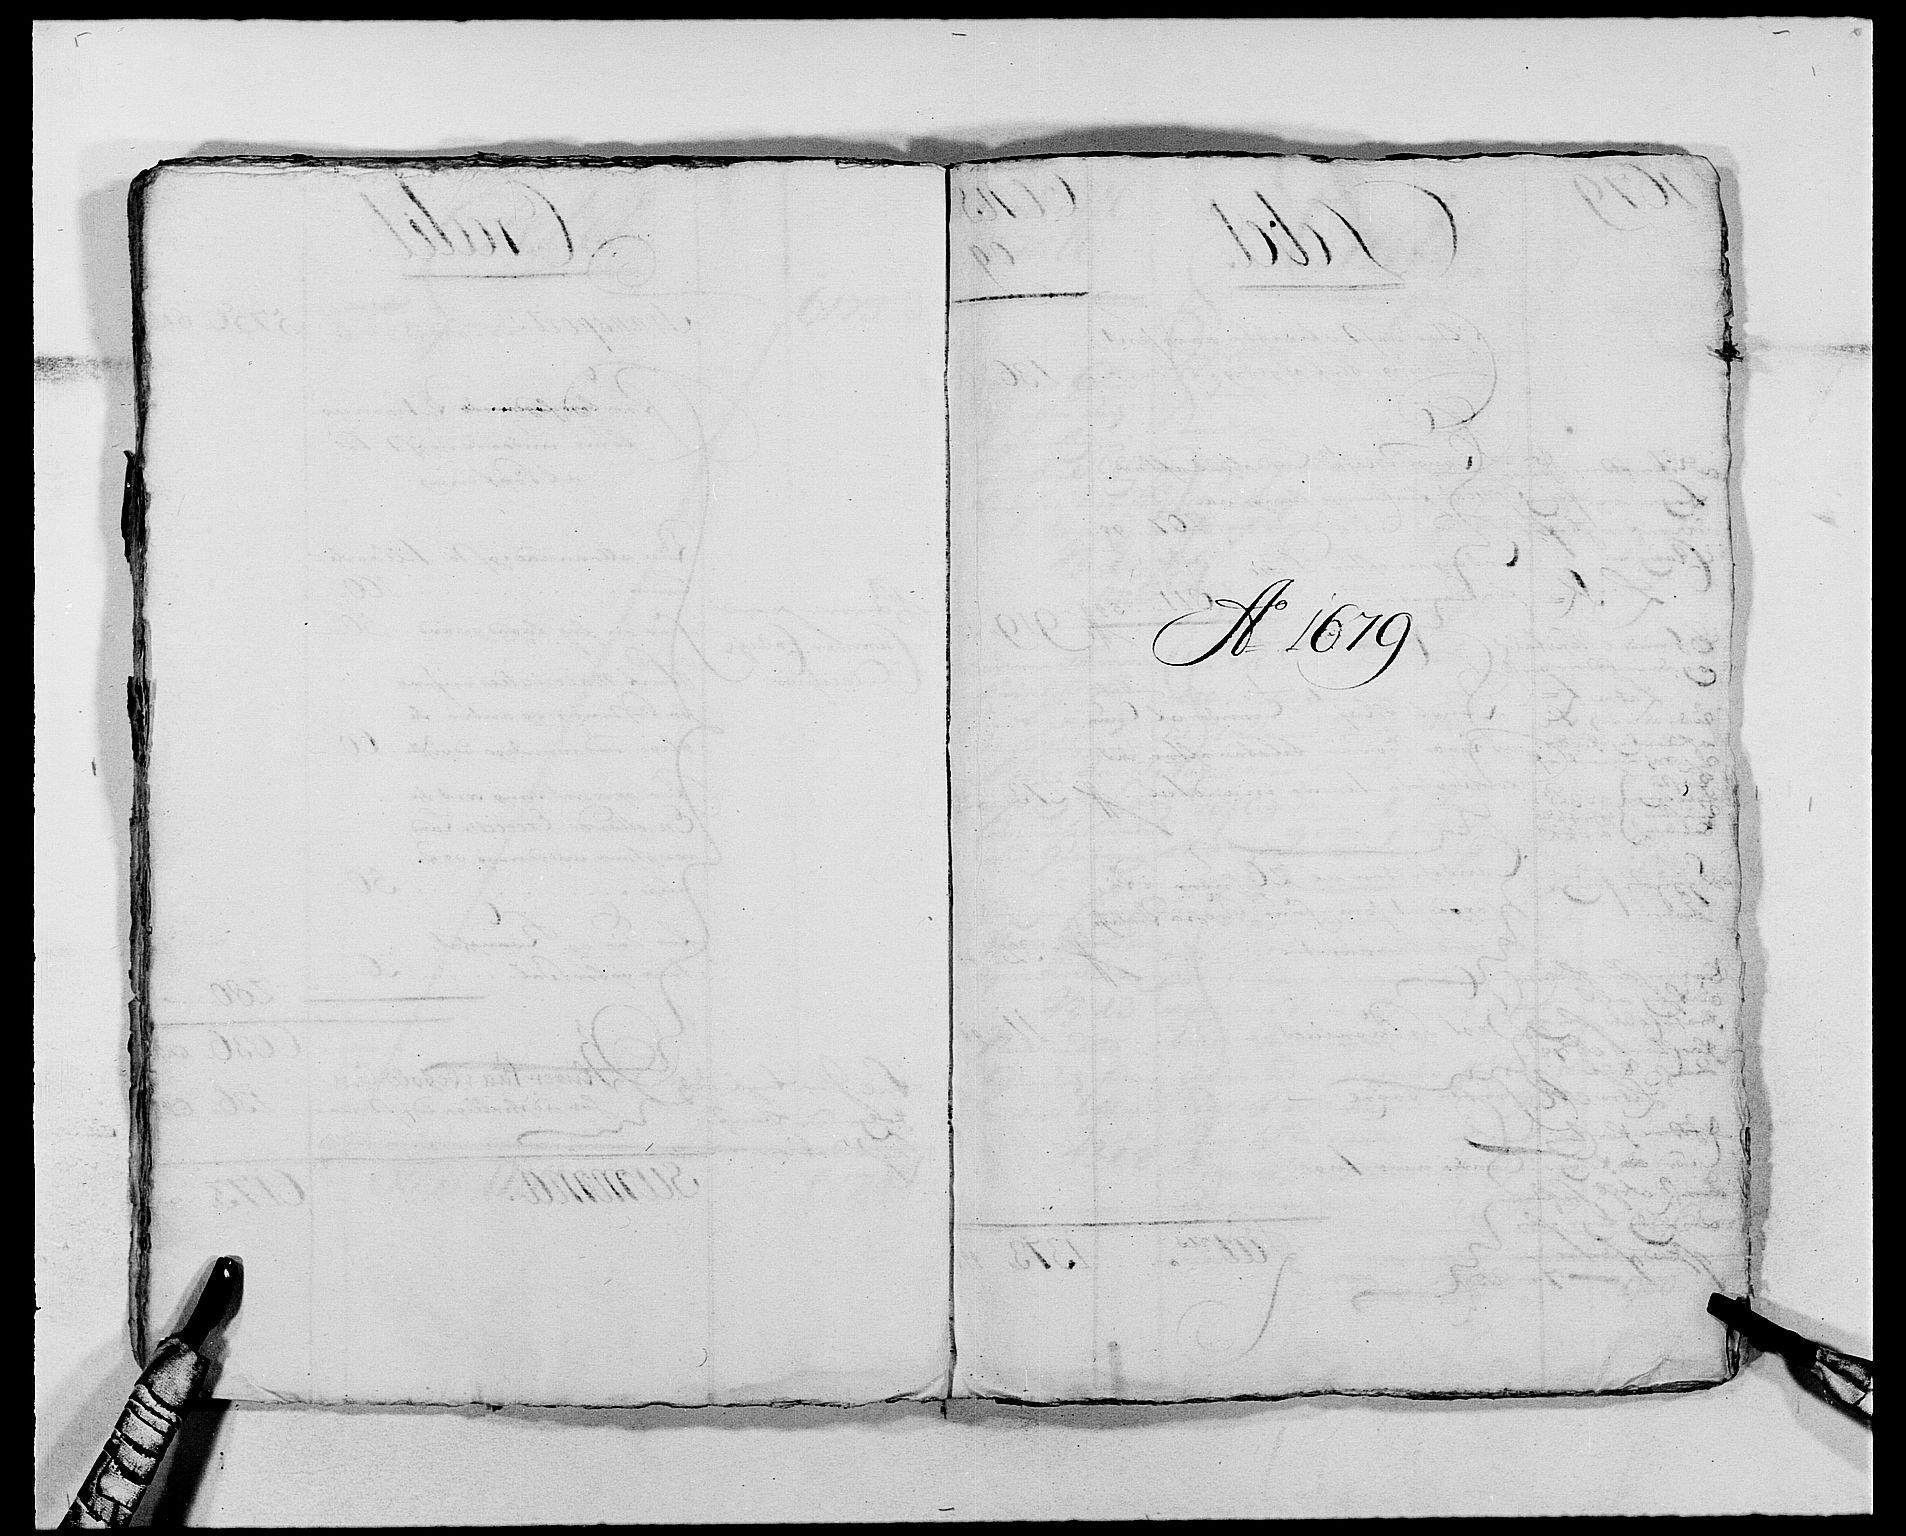 RA, Rentekammeret inntil 1814, Reviderte regnskaper, Fogderegnskap, R03/L0113: Fogderegnskap Onsøy, Tune, Veme og Åbygge fogderi, 1681-1683, s. 16